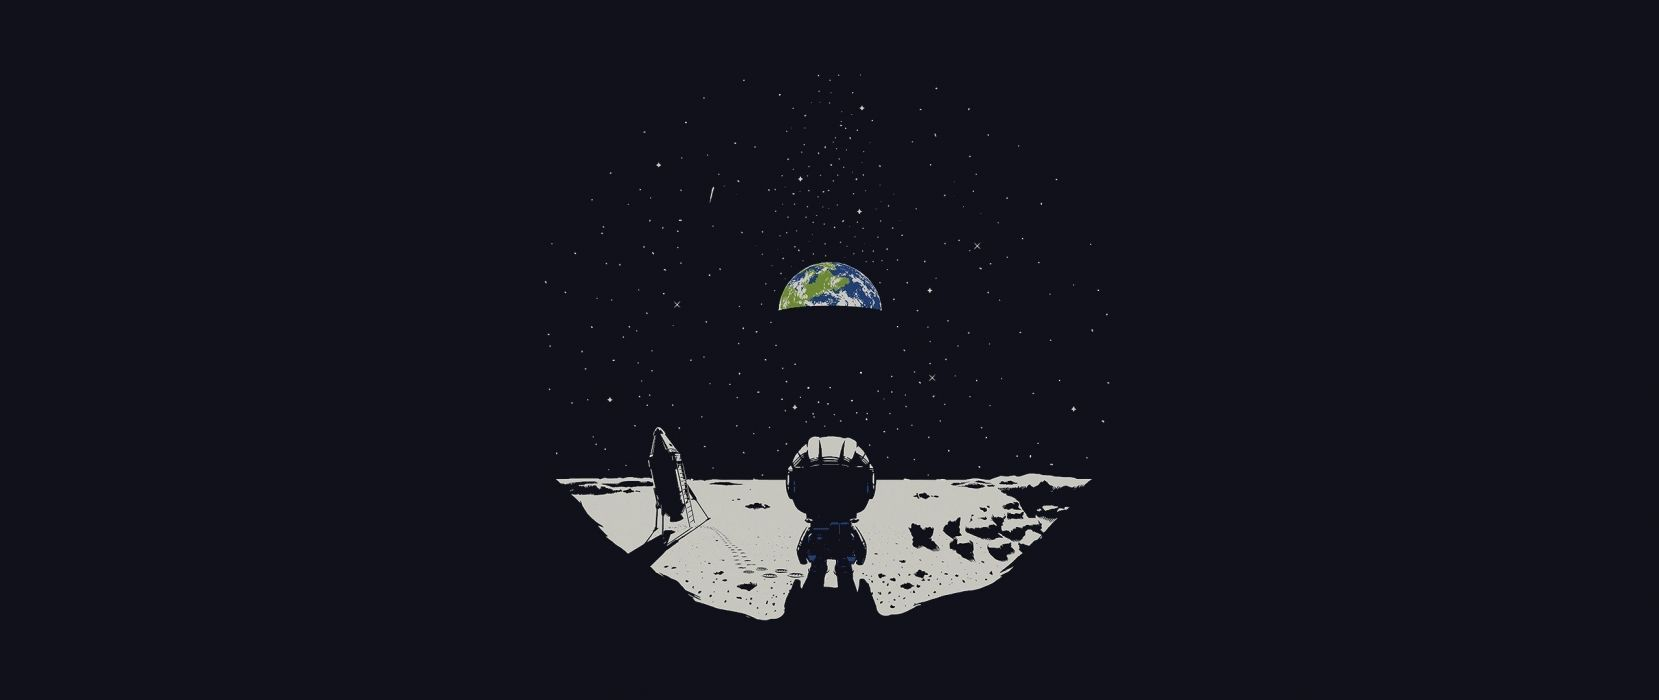 Earth ultra-wide Moon Kerbal Space Program wallpaper